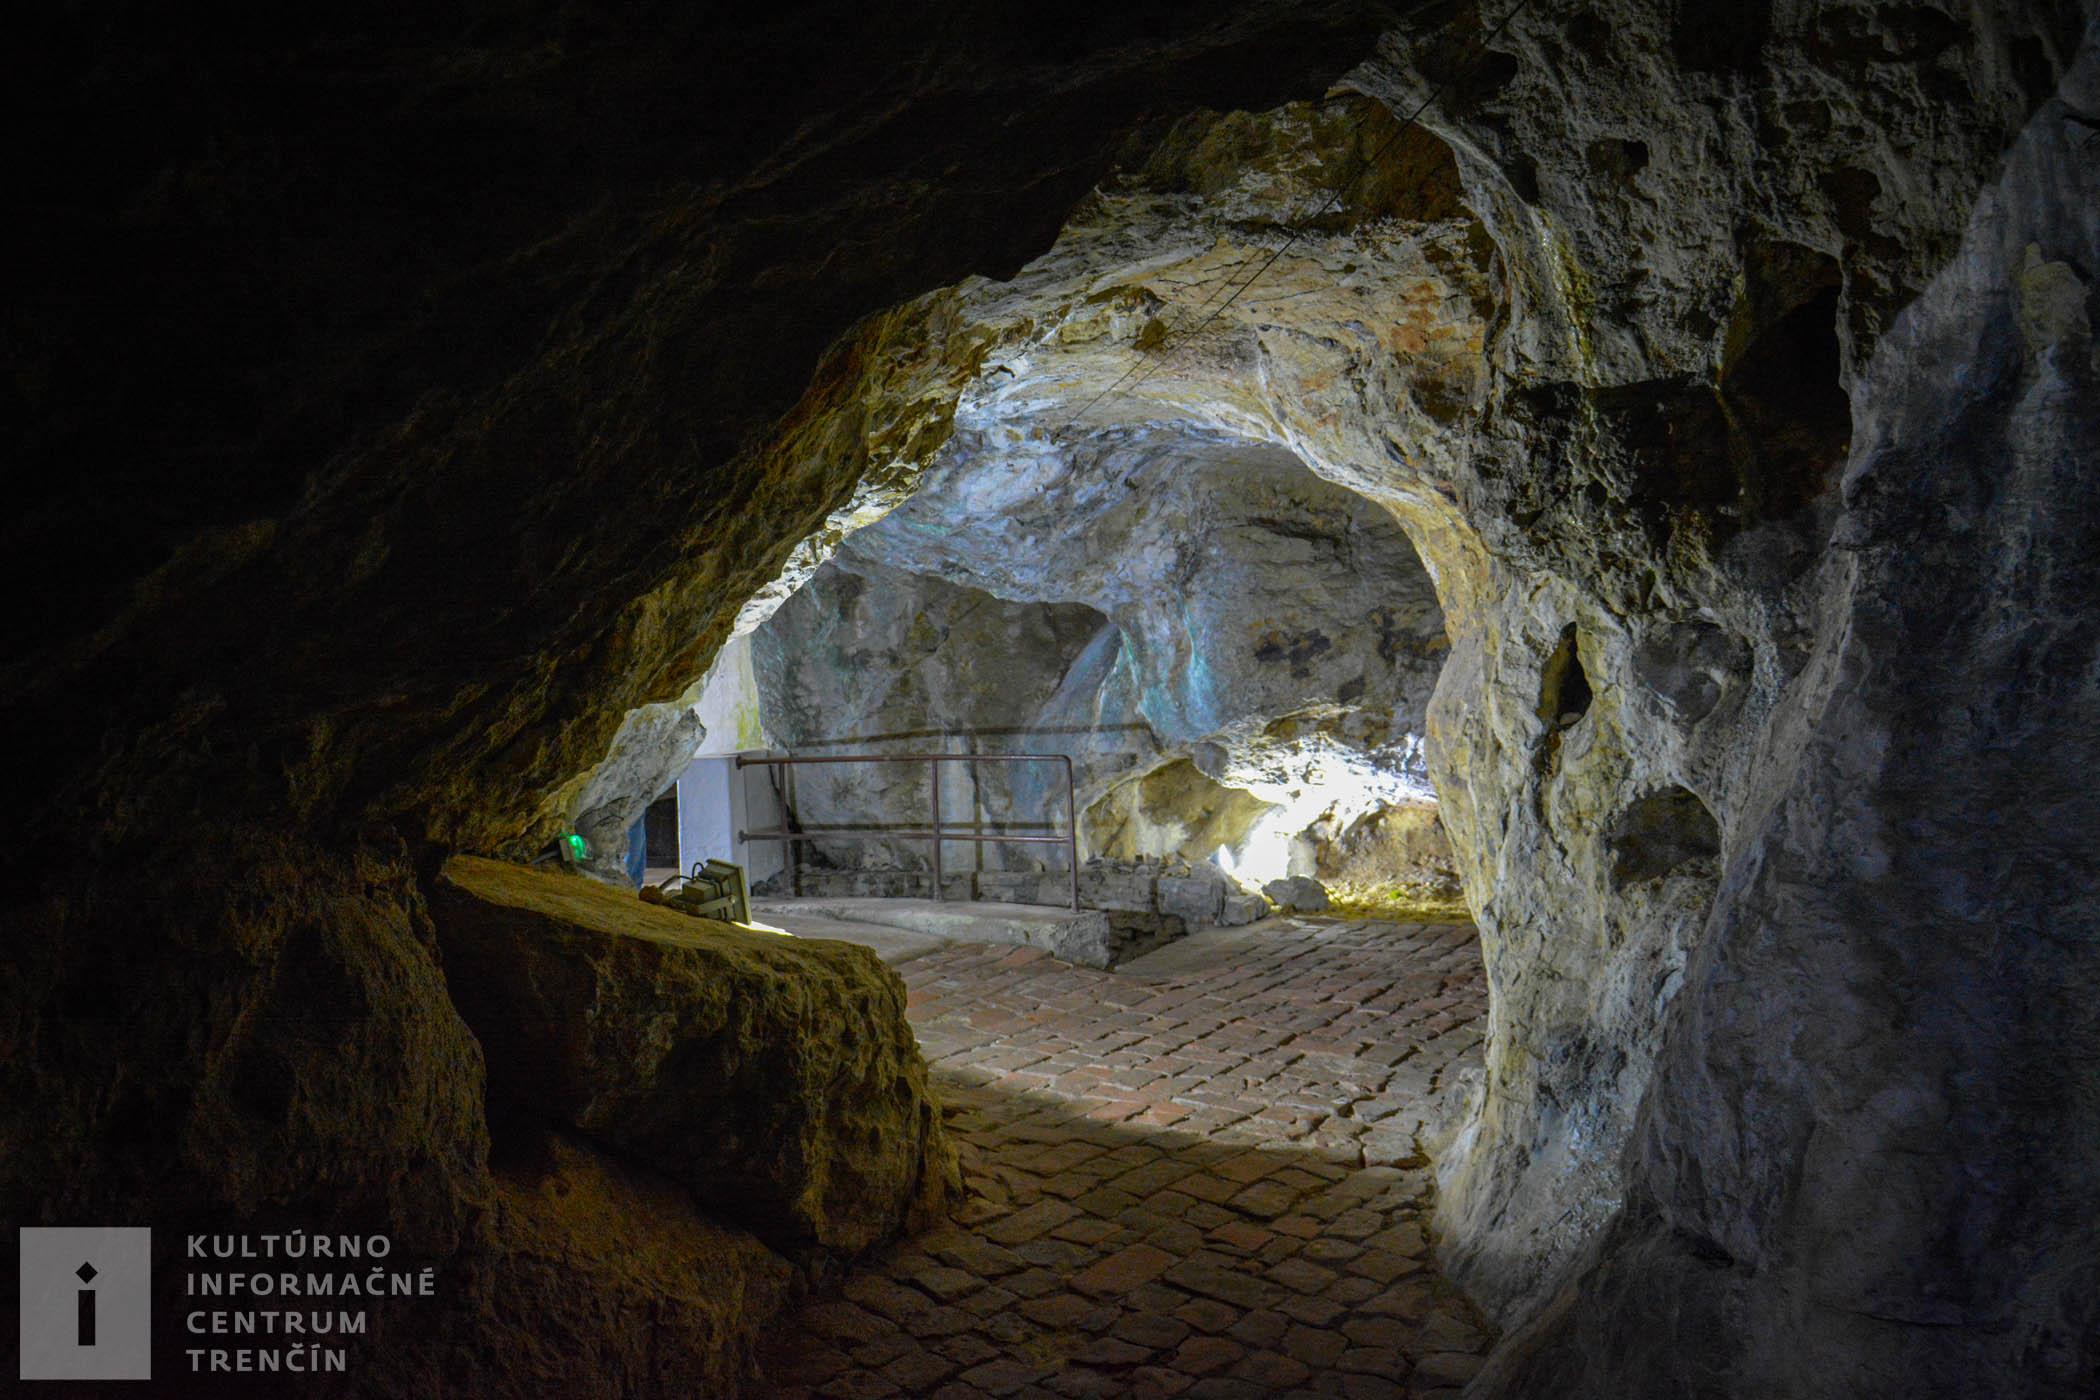 Pohľad do jaskynných chodieb v kláštore na Veľkej Skalke/Cave in the Veľká Skalka Monastery